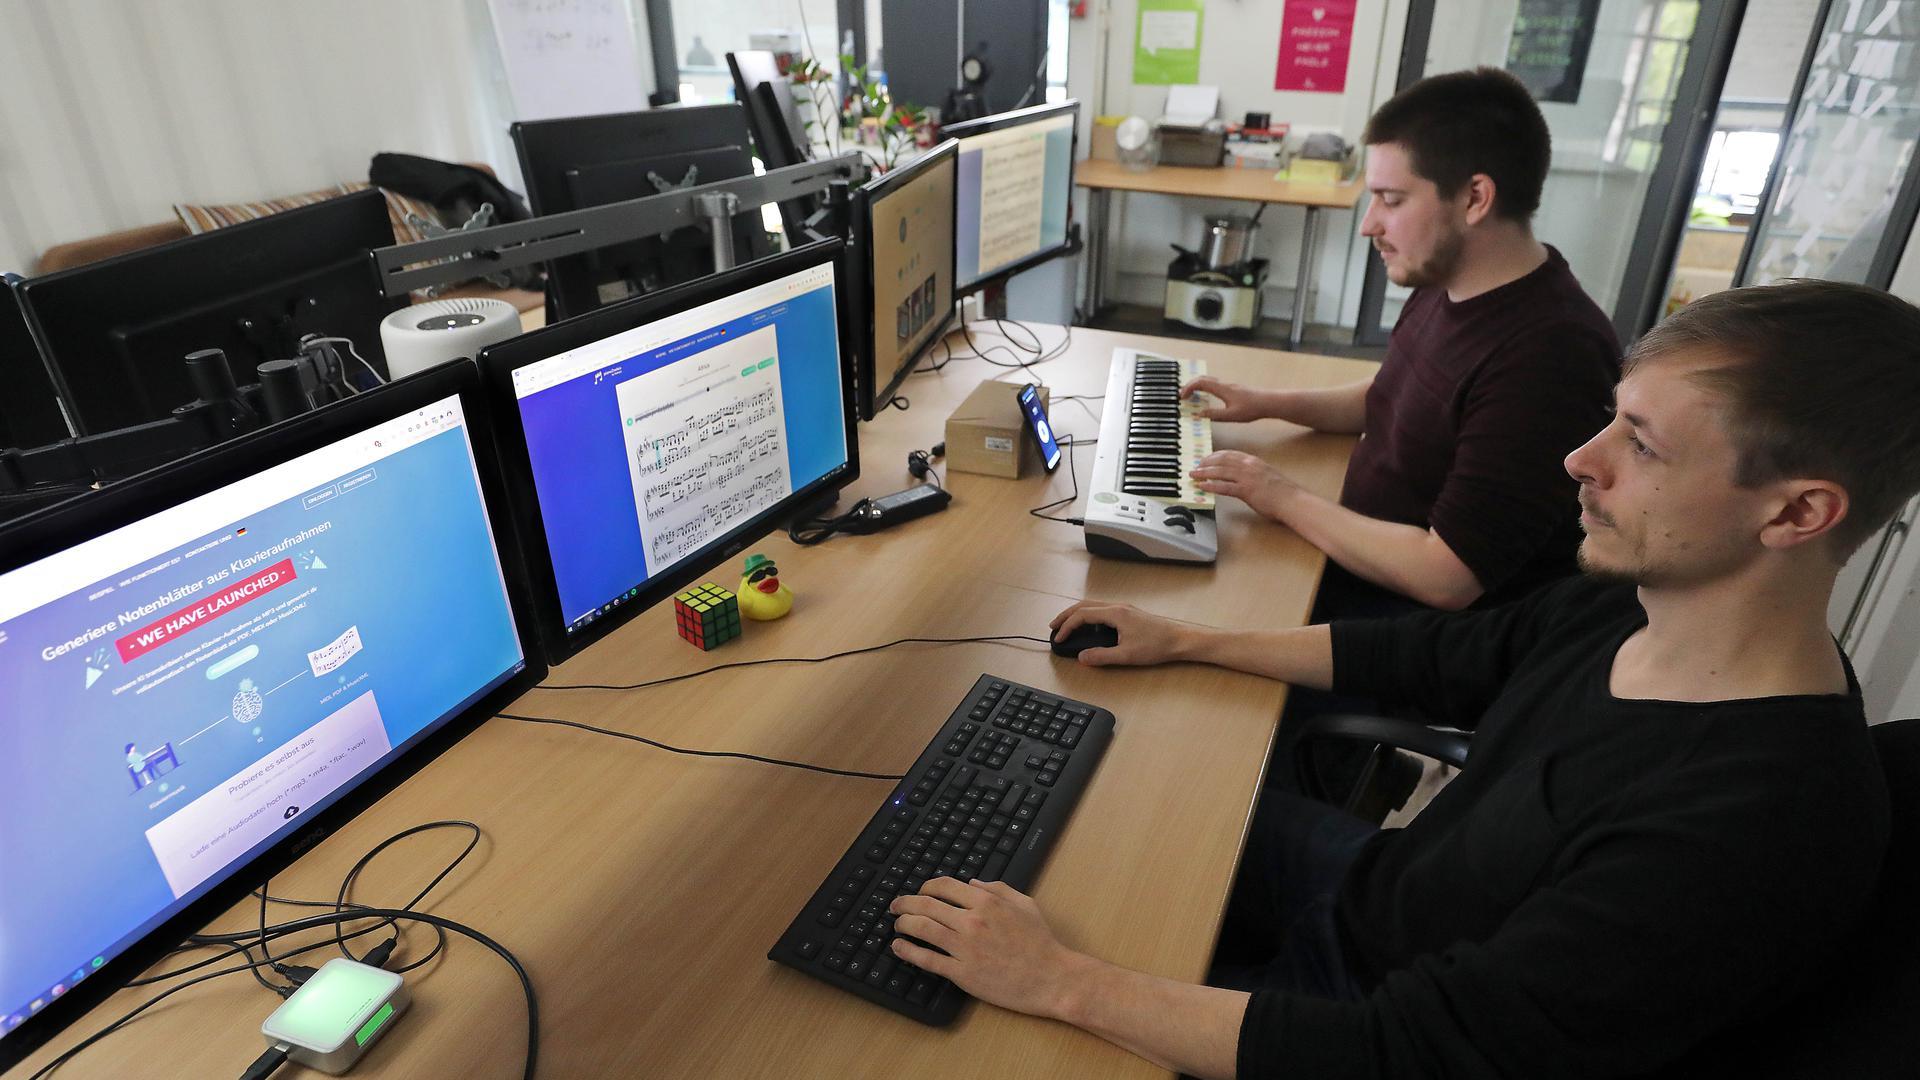 Der Elektrotechniker Sebastian Murgul (hinten) und der Informatiker Alexander Lüngen haben ein digitales Programm mit künstlicher Intelligenz entwickelt, das zu einem Song das Notenblatt schreibt.